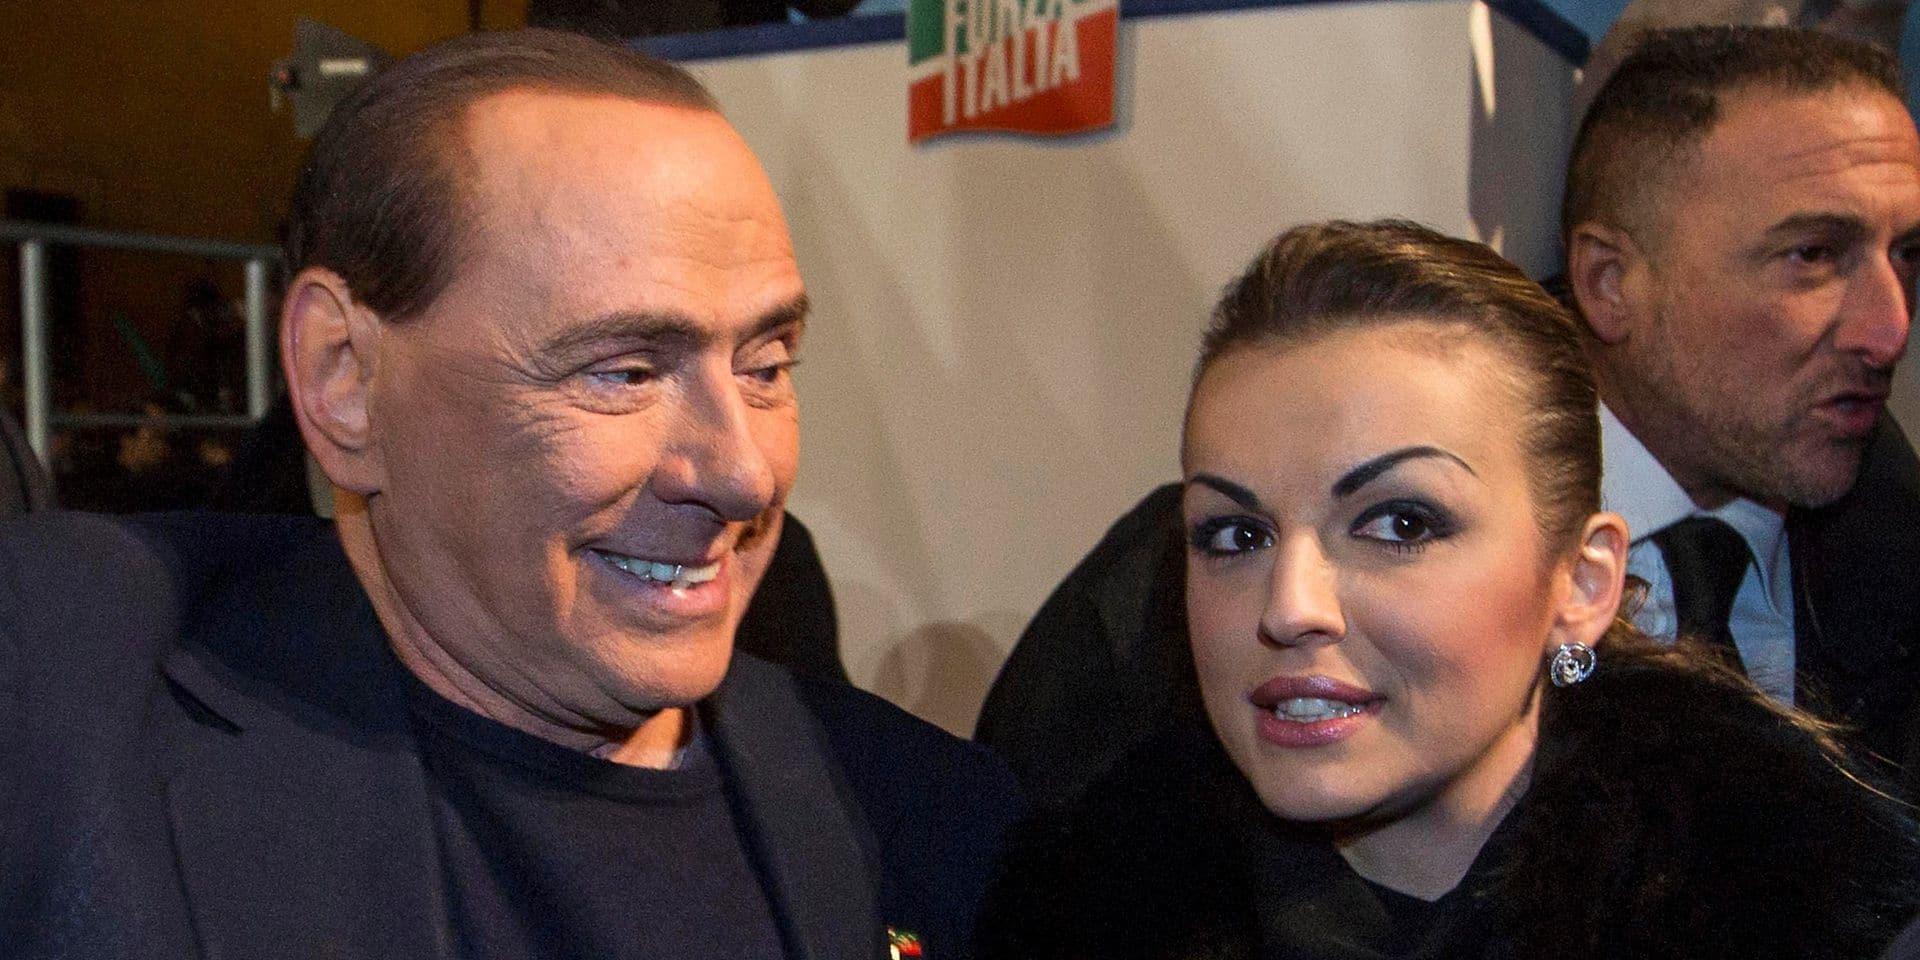 Berlusconi, 83 ans, quitte sa compagne de 34 ans pour une femme plus jeune